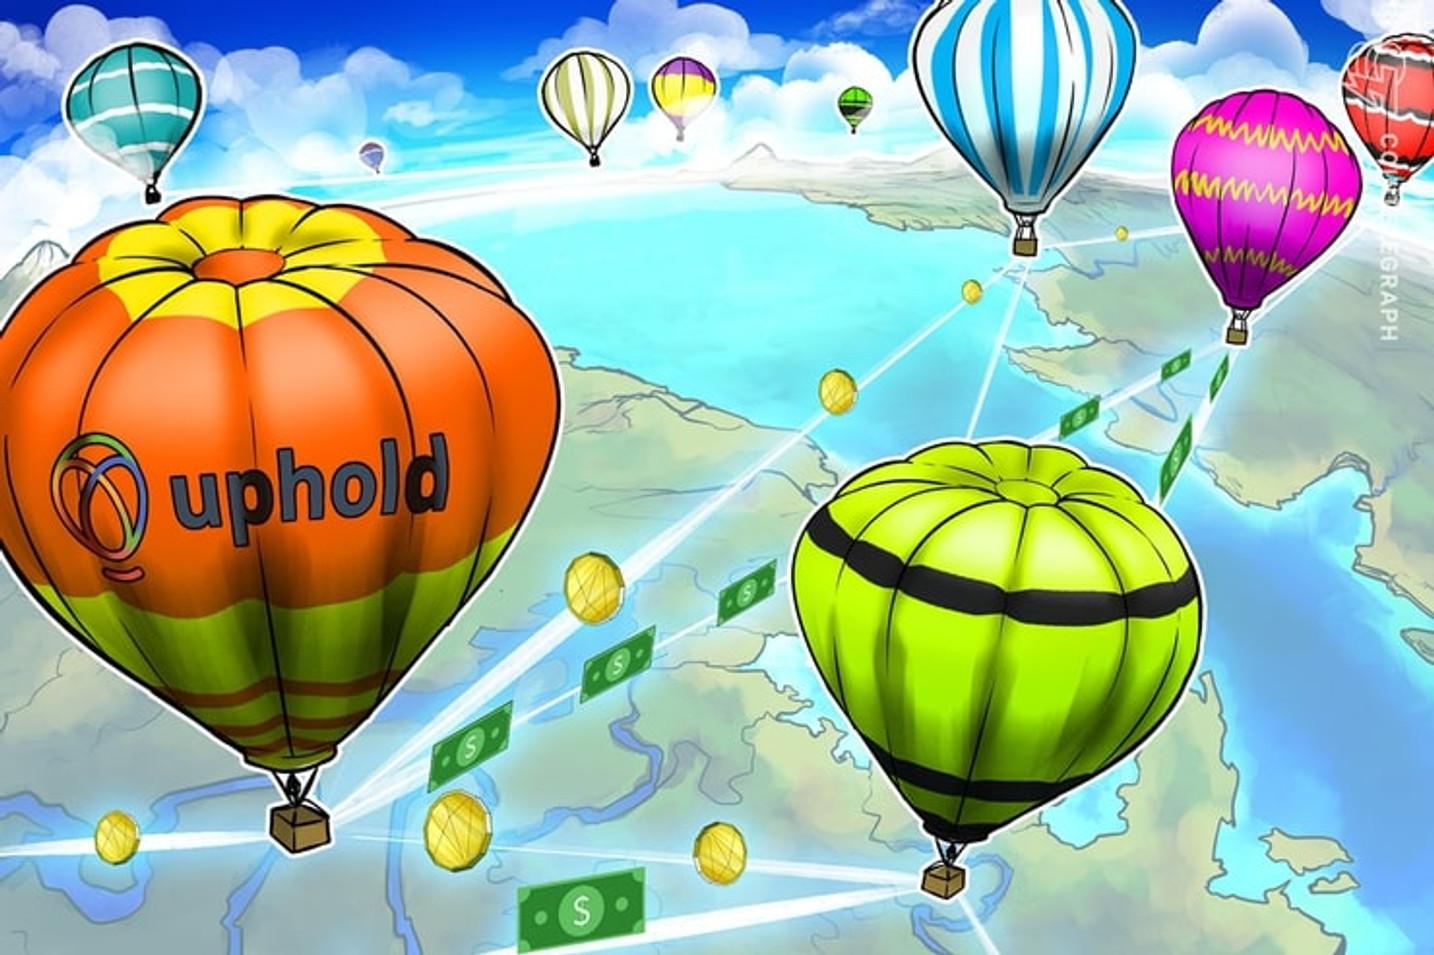 Uphold lanza un nuevo servicio para poder realizar transacciones recurrentes y programadas